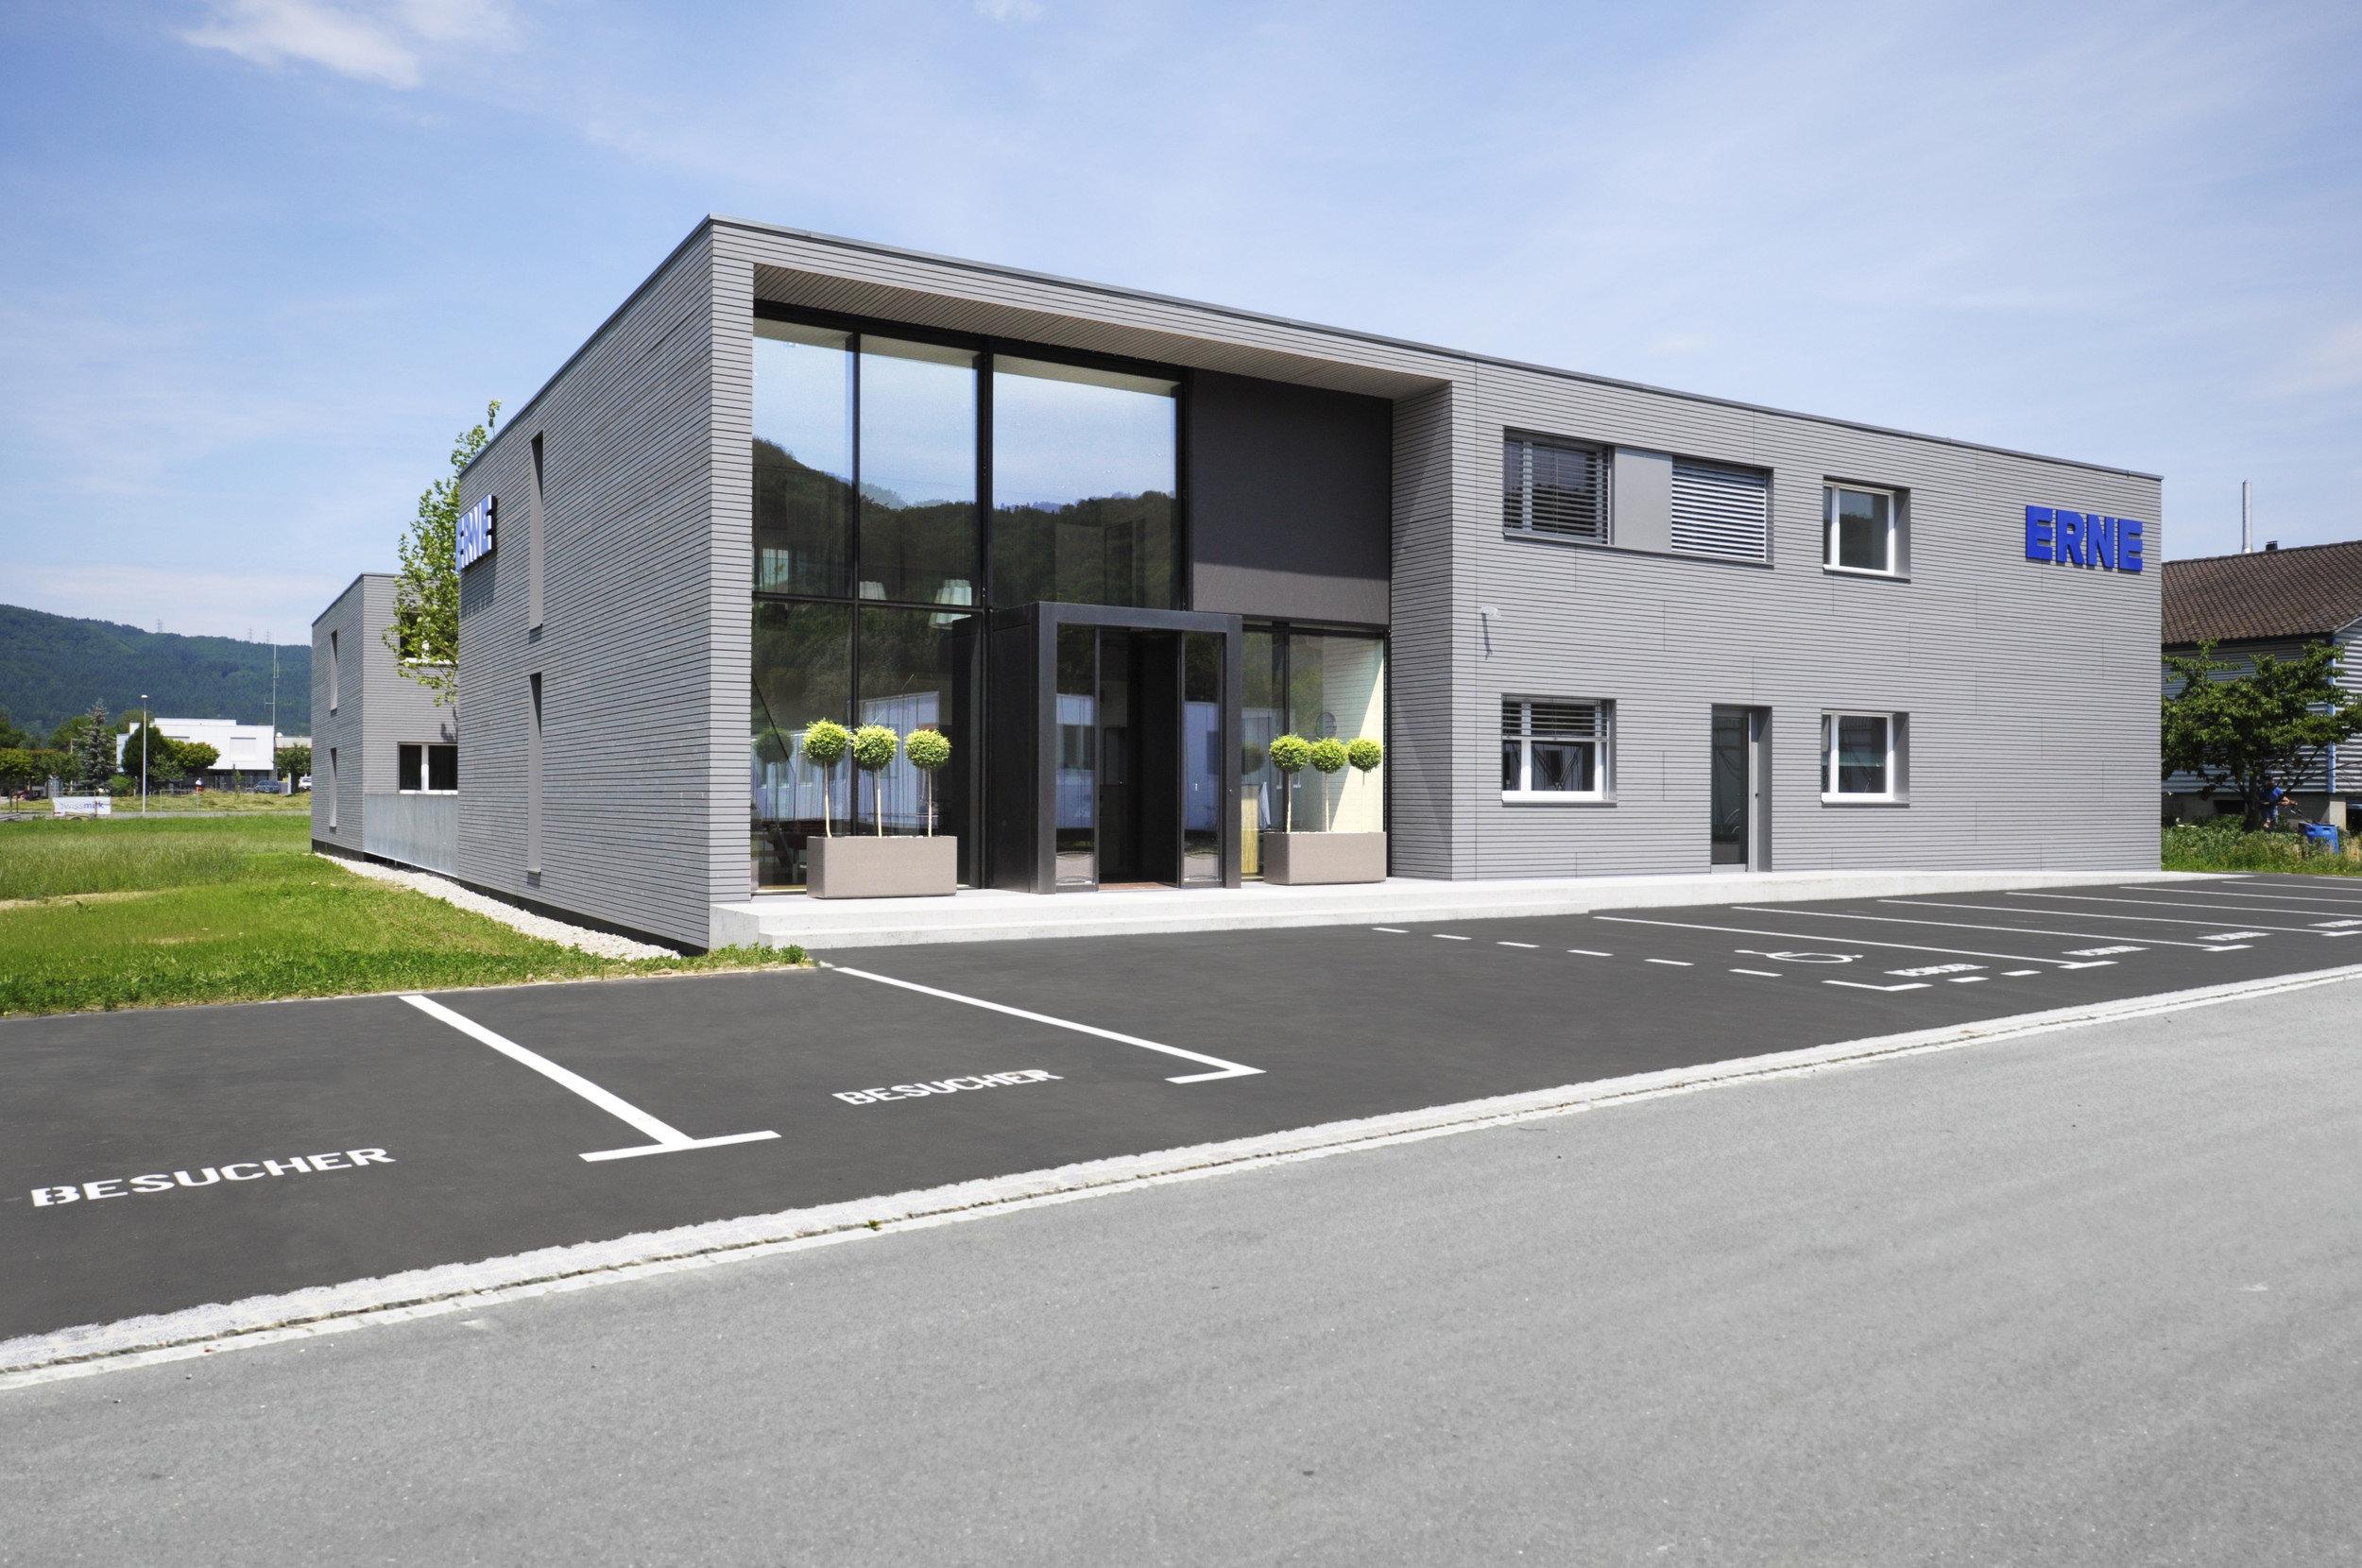 Bürogebäude in Modulbauweise mit Holzfassade